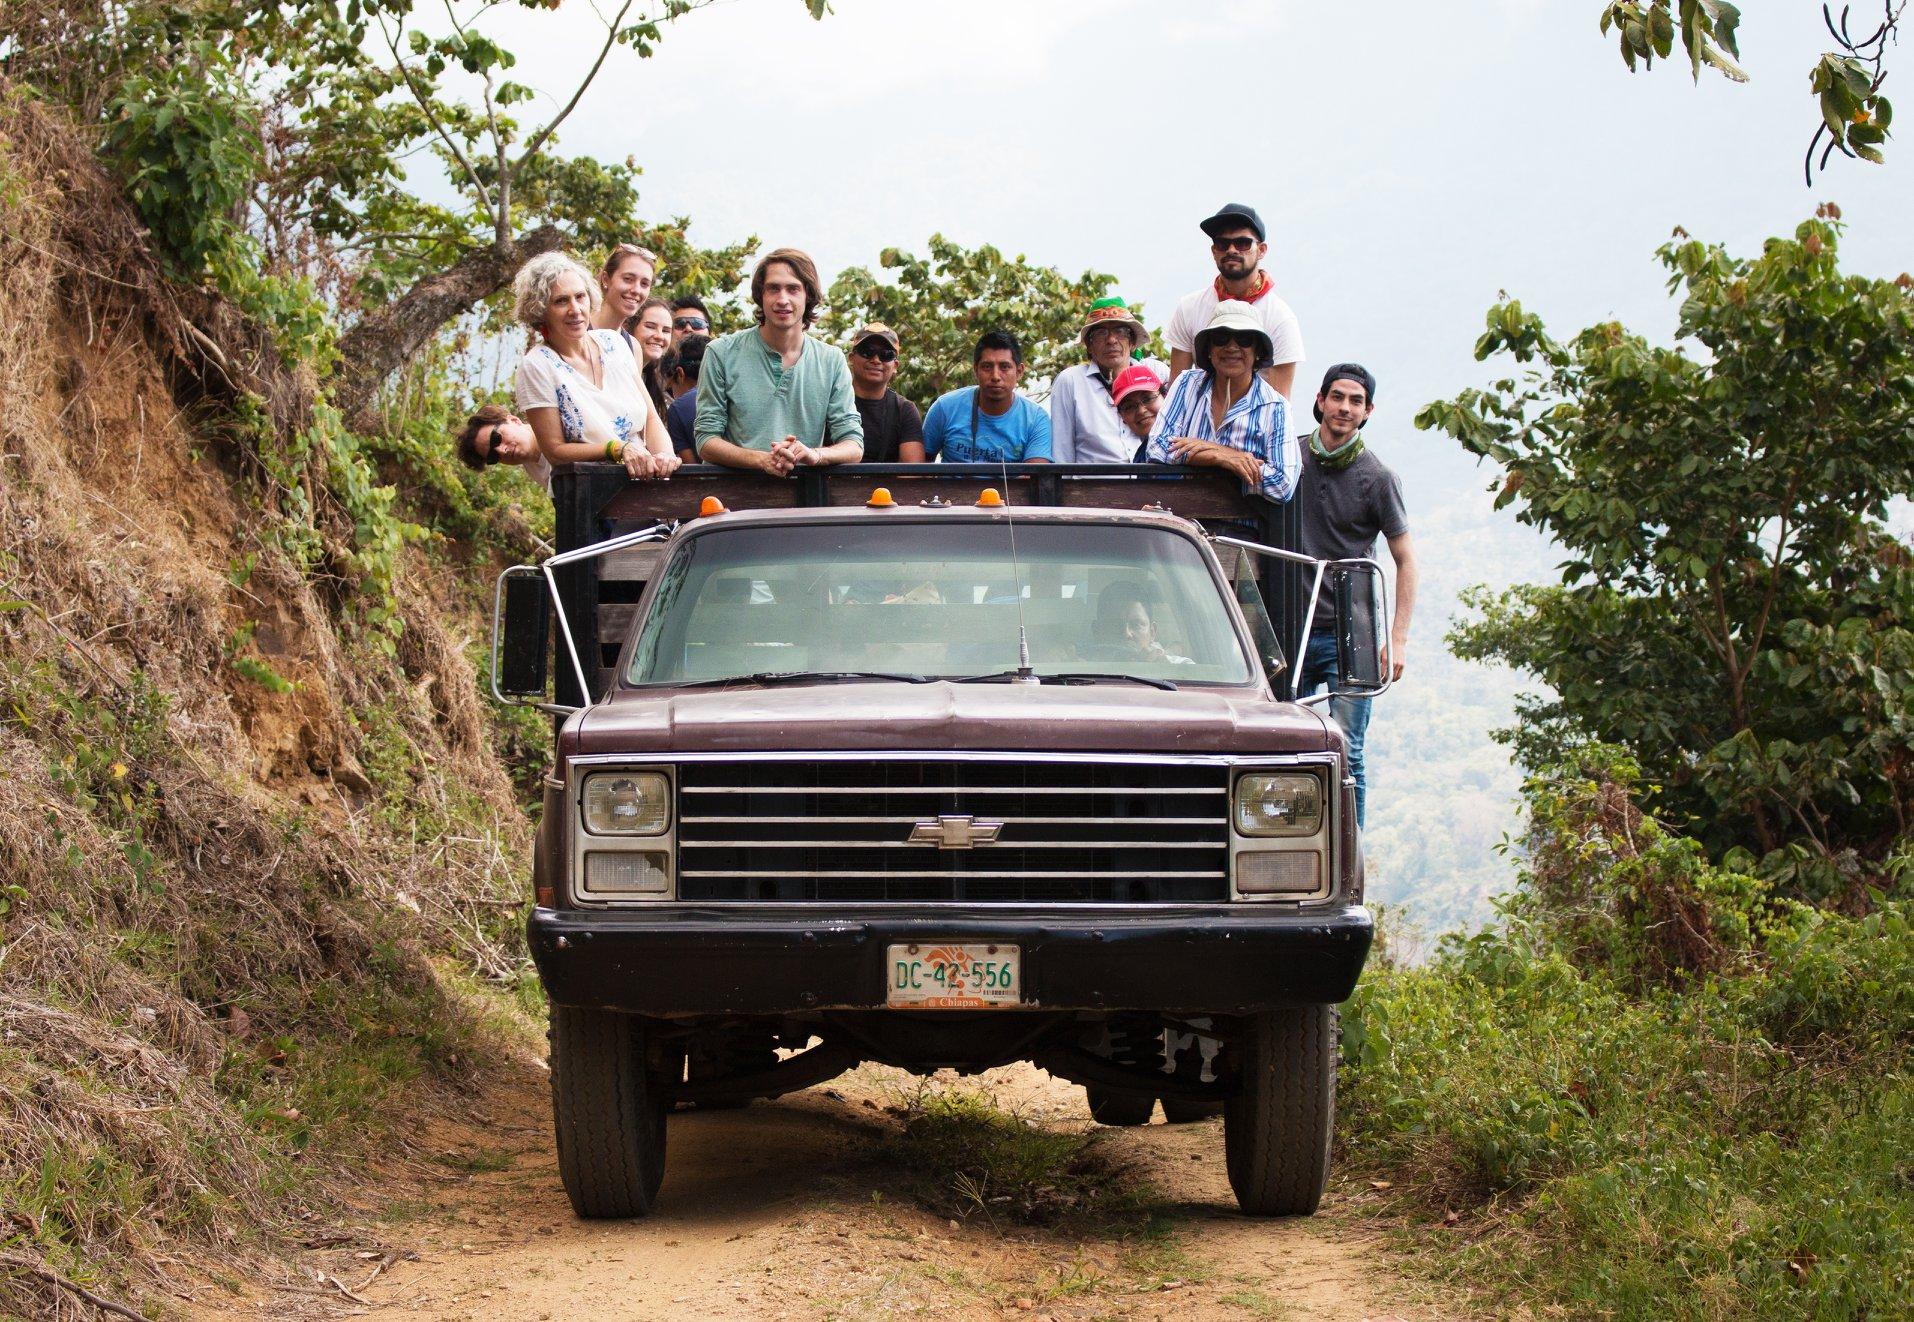 turismo rural mexico rutopia